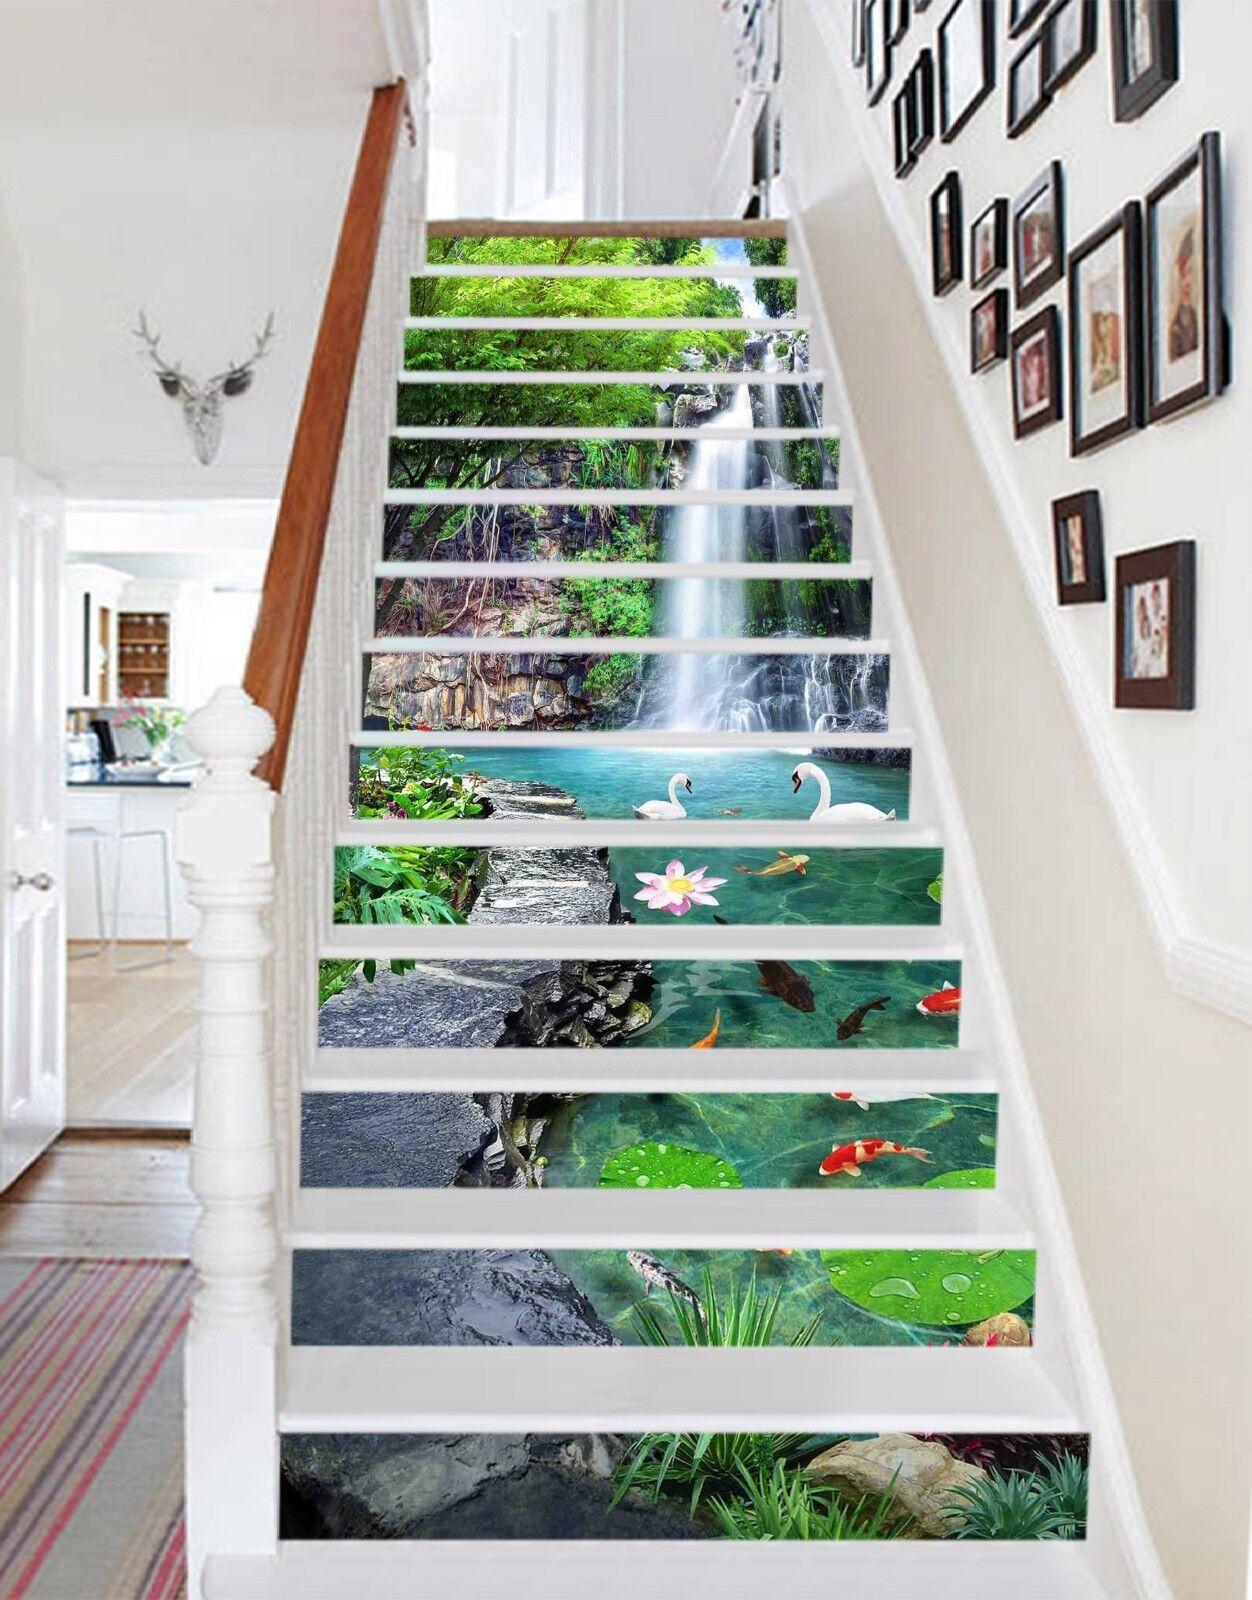 3D Lotus Sawn Lake Stair Risers Decoration Photo Mural Vinyl Decal Wallpaper UK